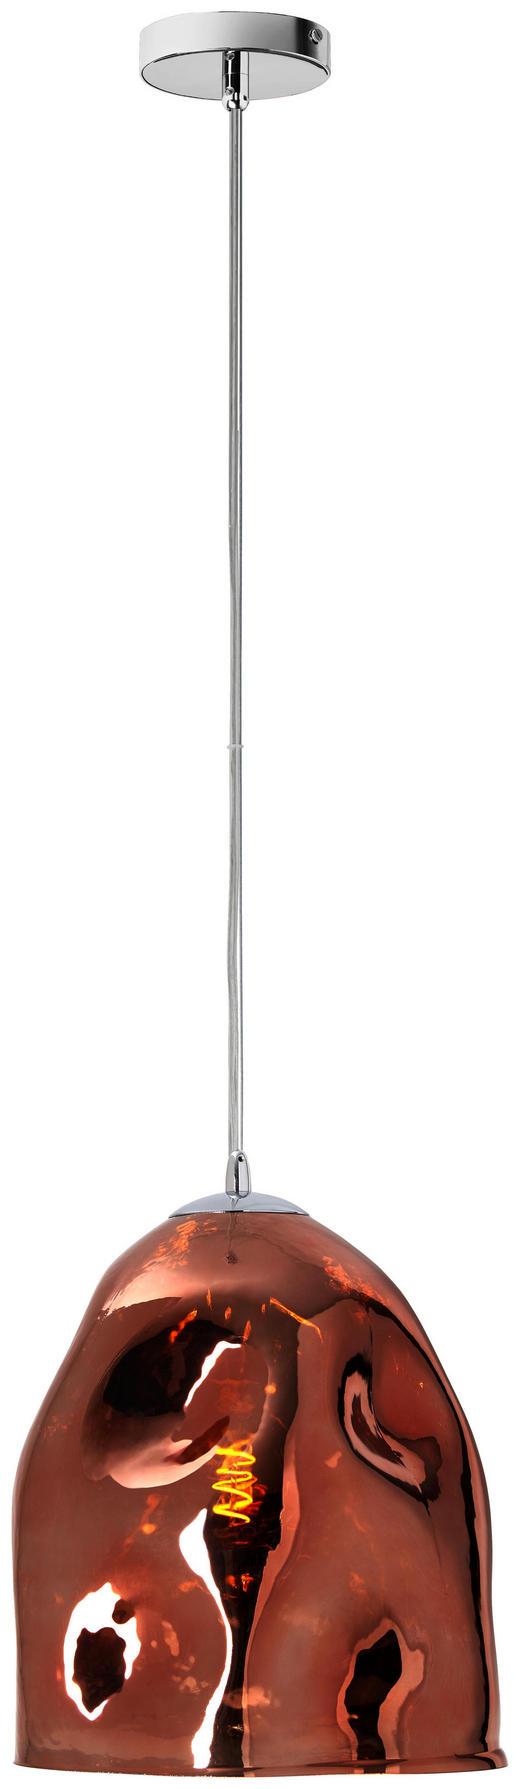 HÄNGELEUCHTE - Kupferfarben, Design, Glas (30/150/cm) - Dieter Knoll